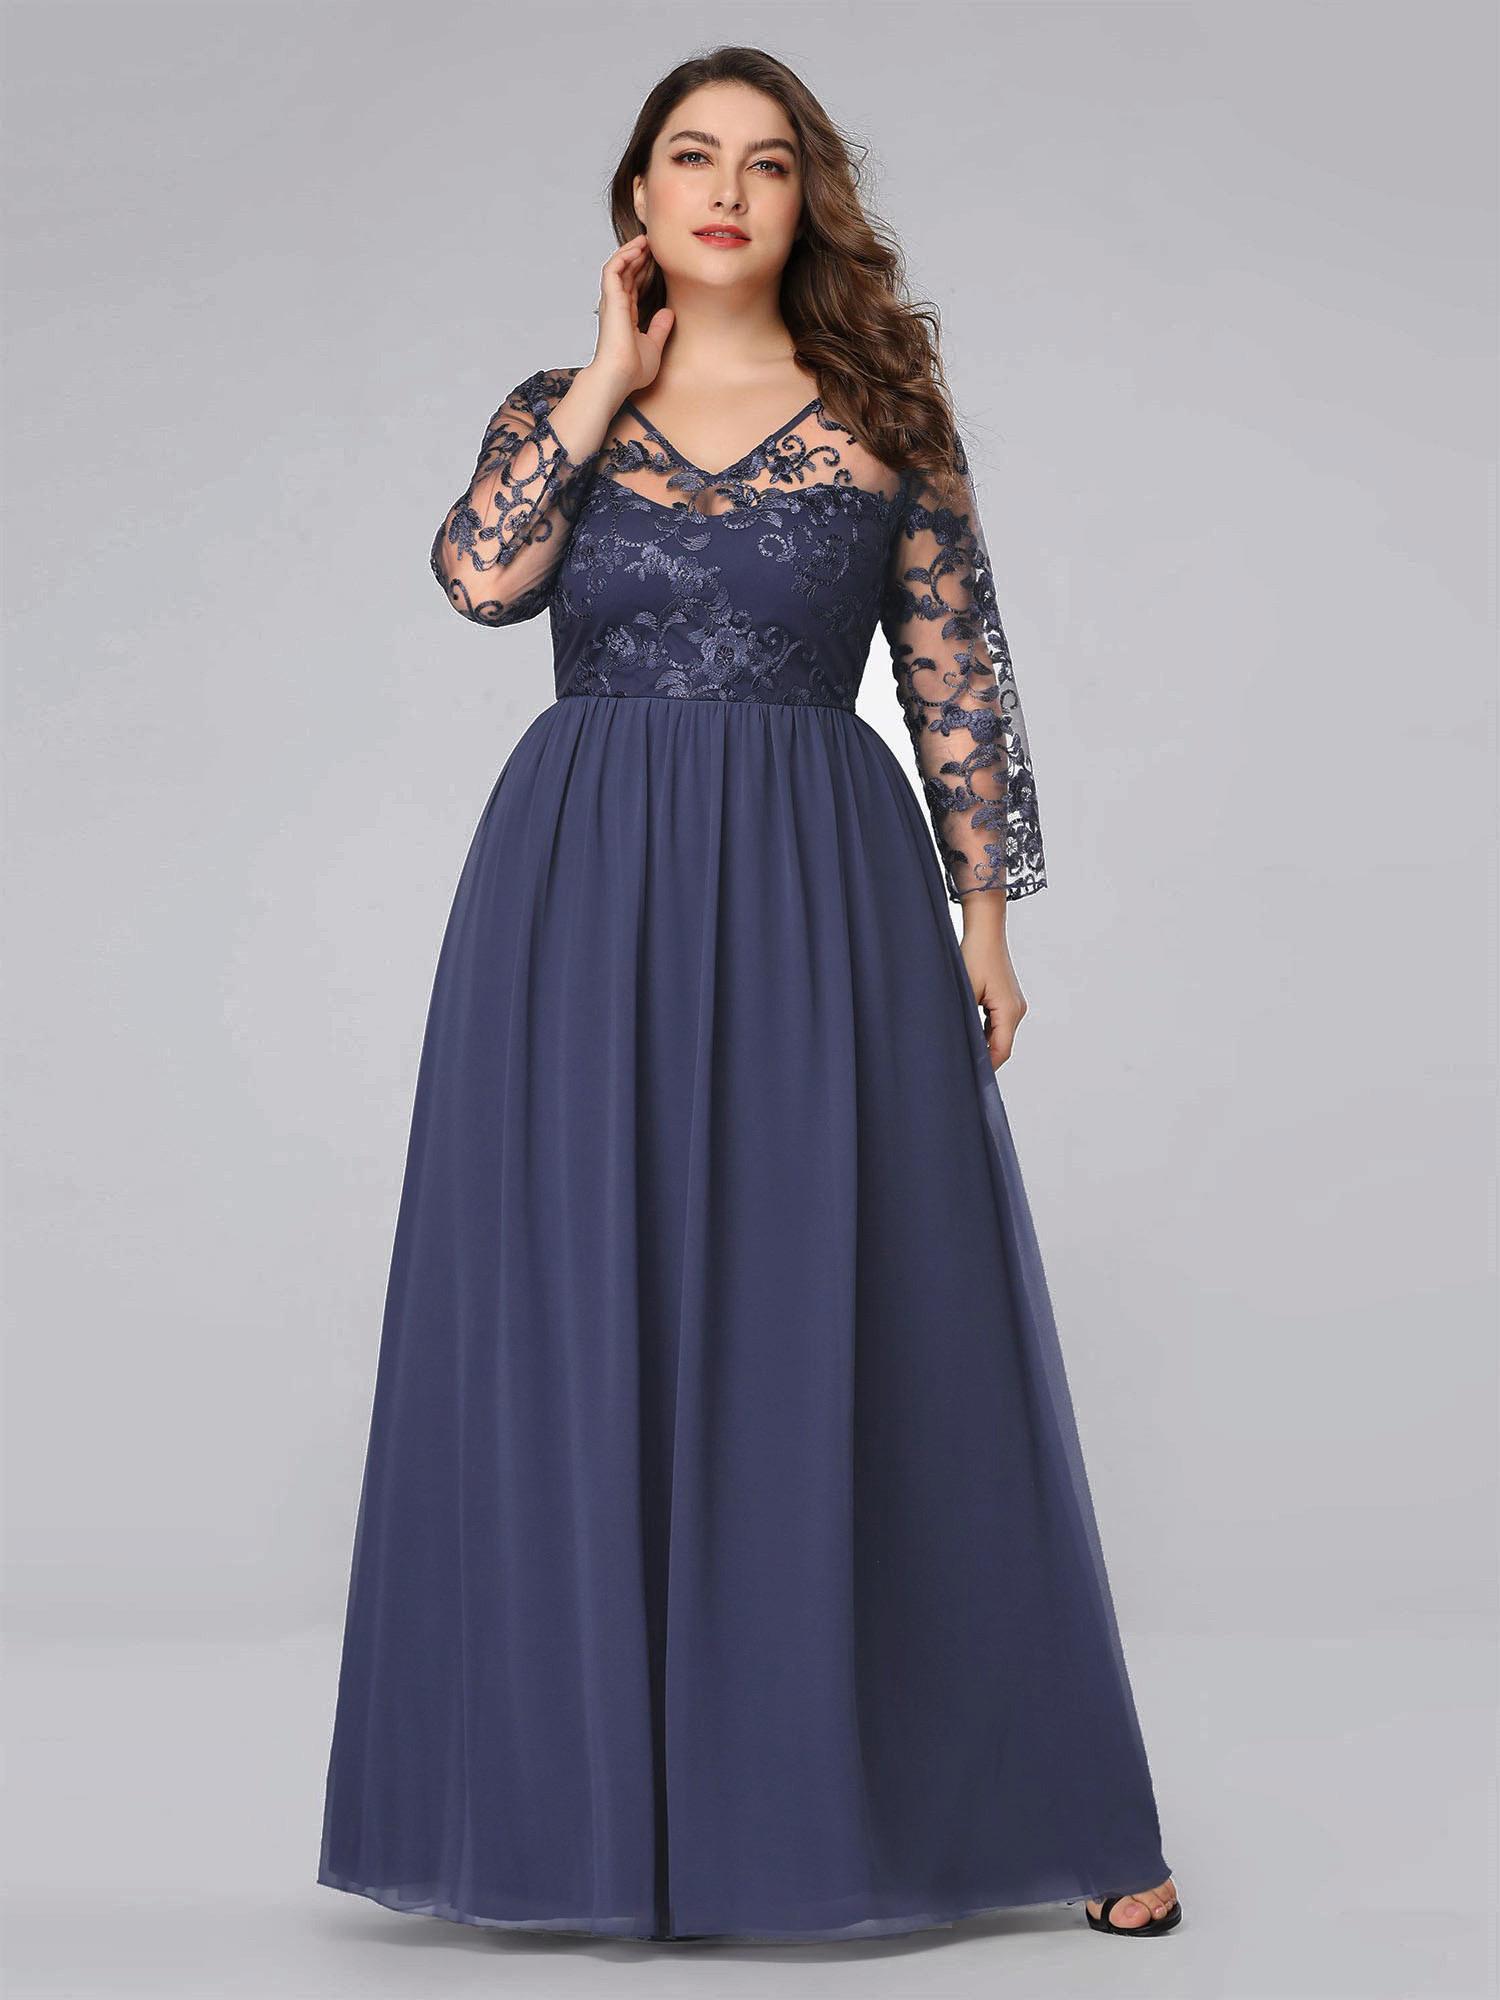 10 Schön Abend Kleid Dunkel Blau Ärmel10 Coolste Abend Kleid Dunkel Blau Vertrieb